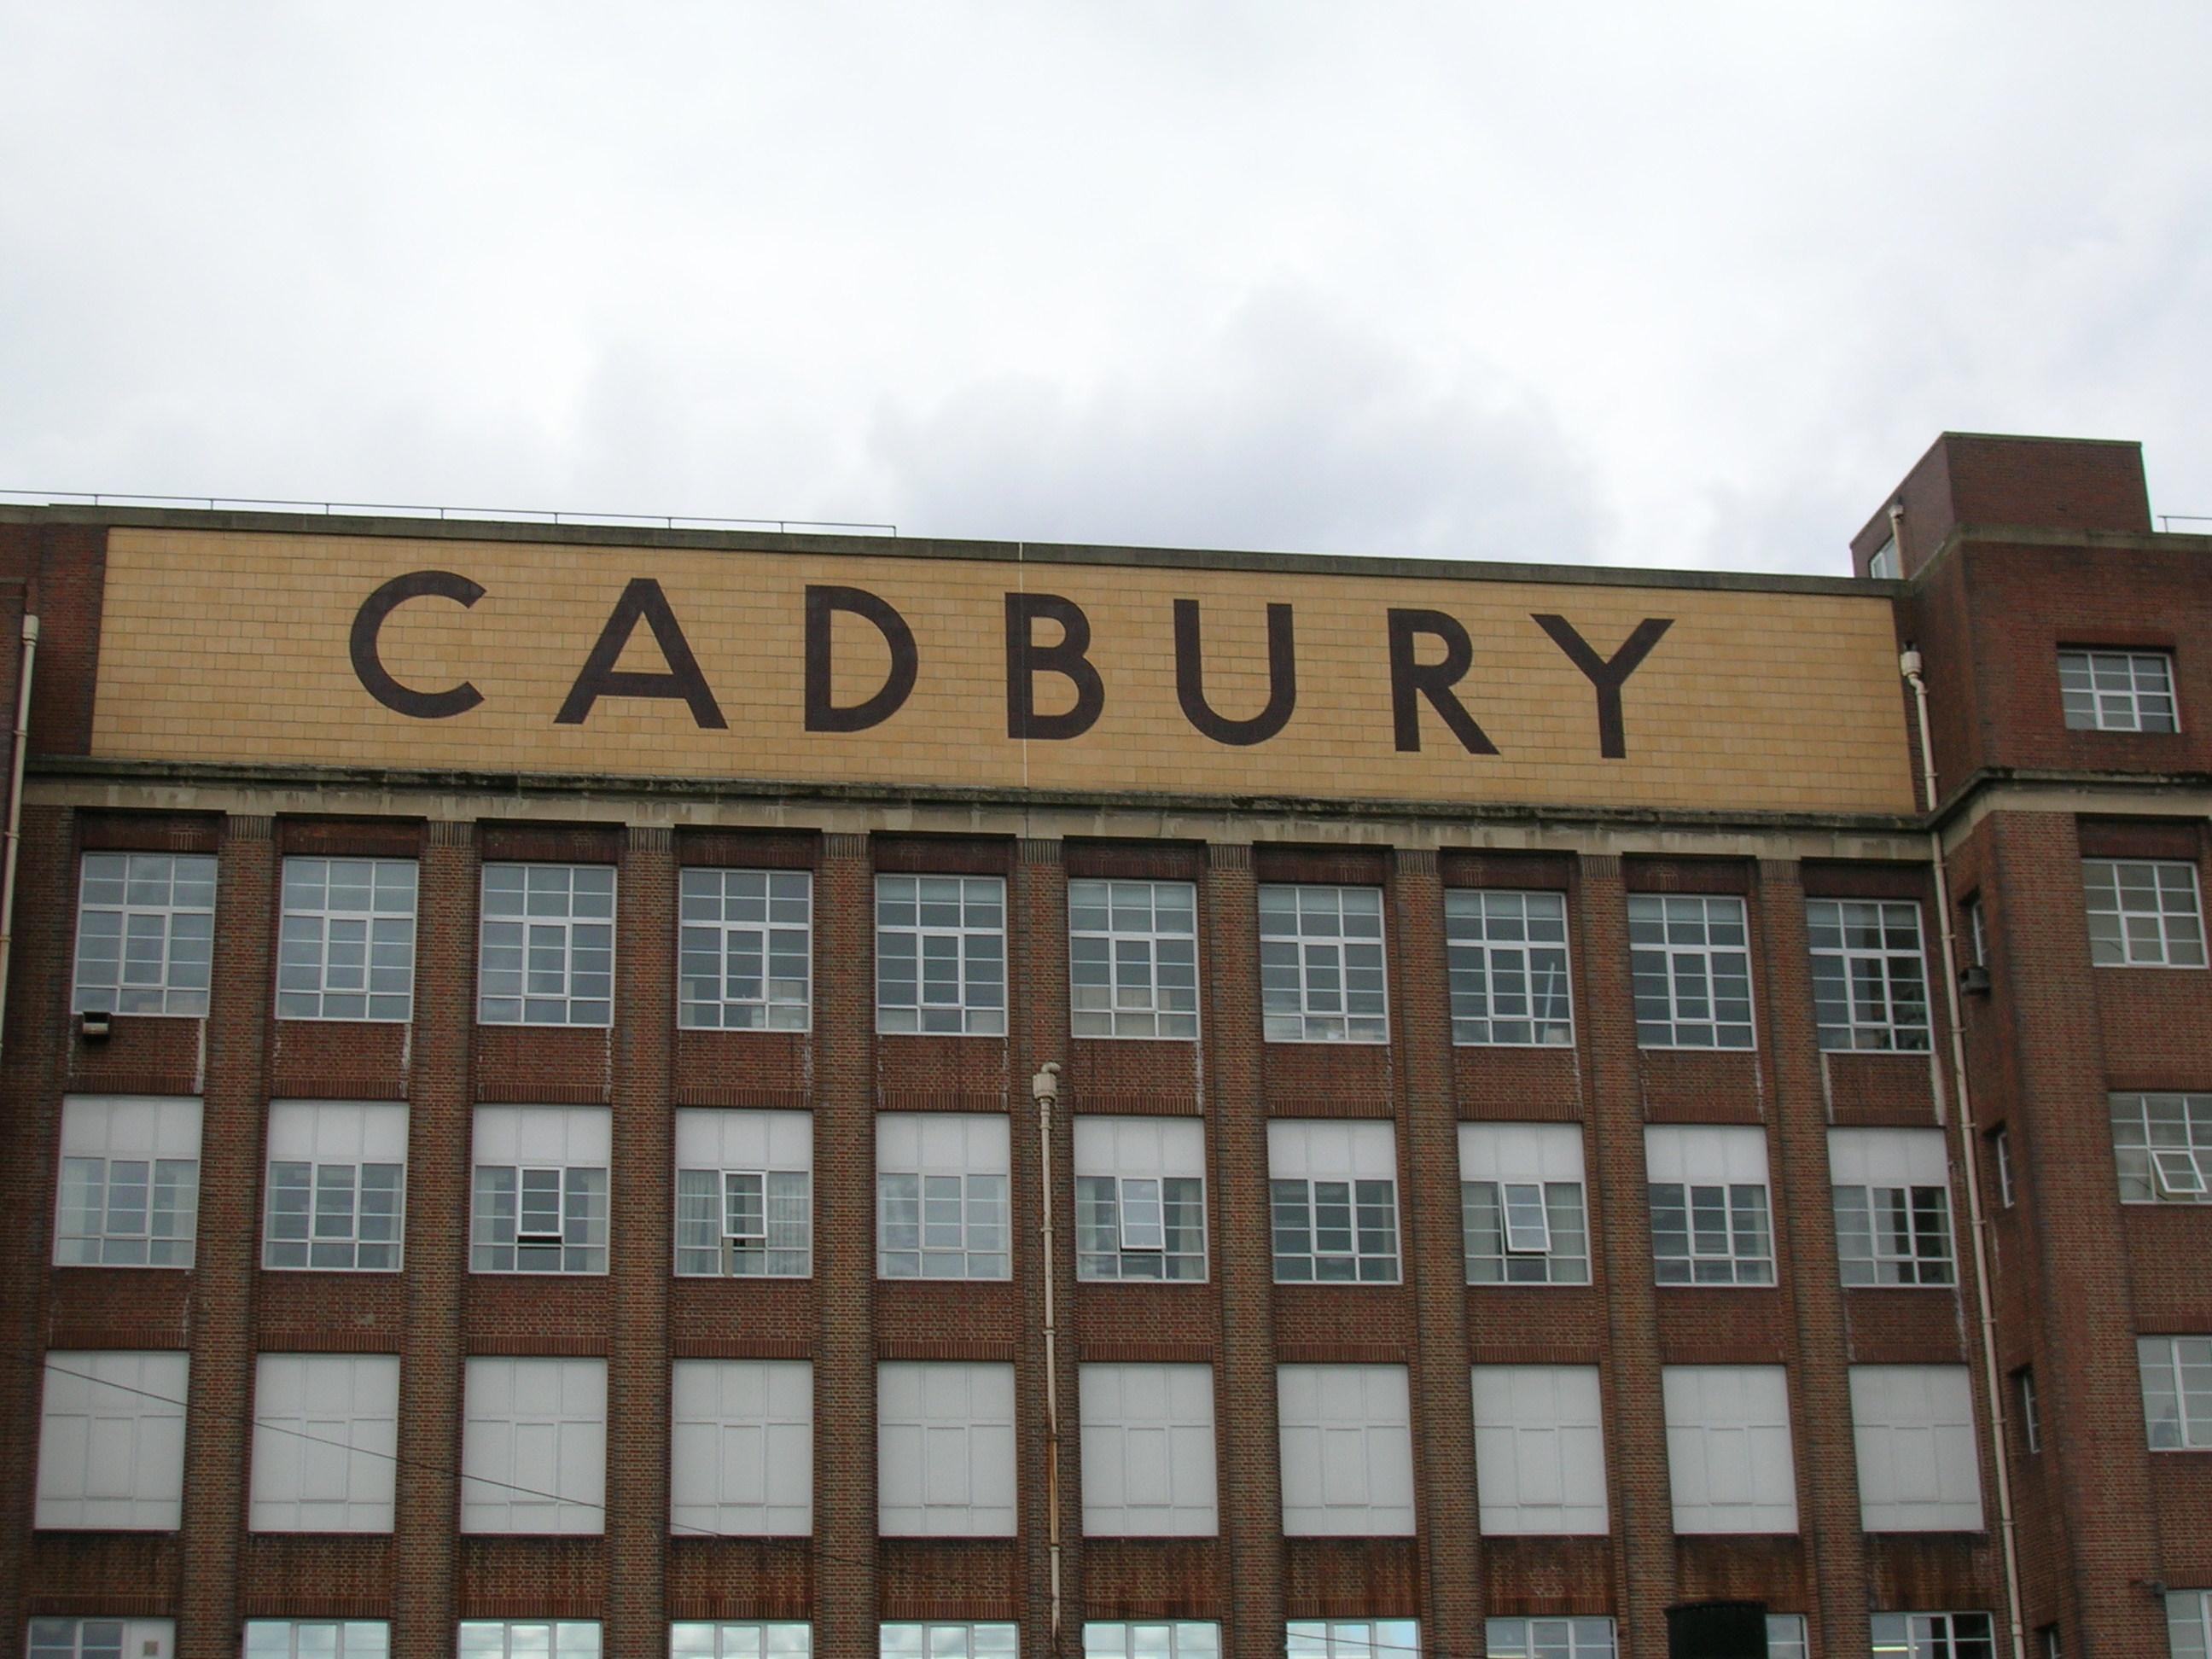 Cadbury - Photo by Juliamaud